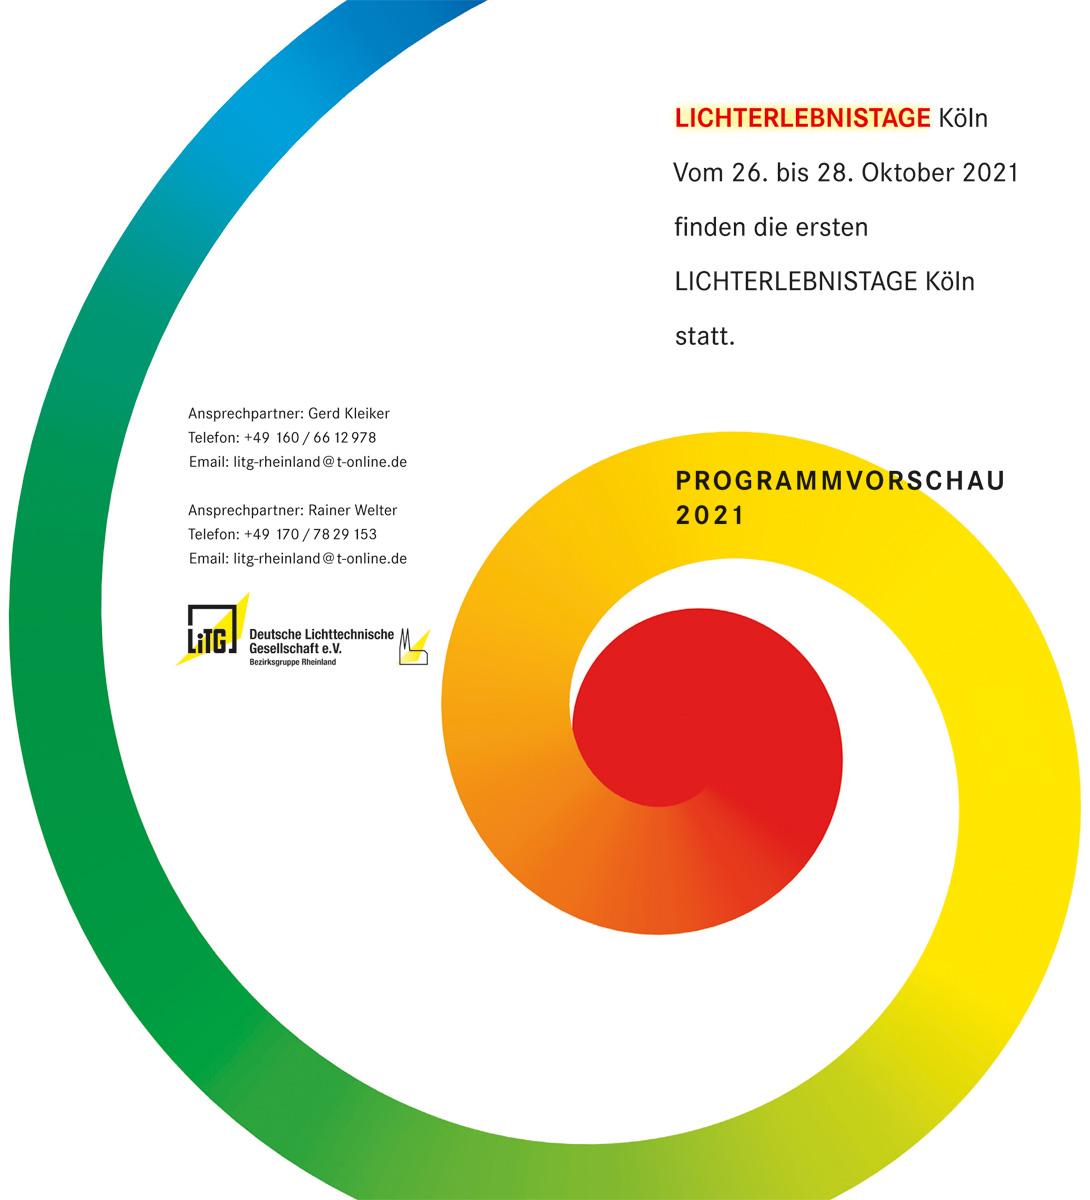 Lichterlebnistage Köln - Programmvorschau